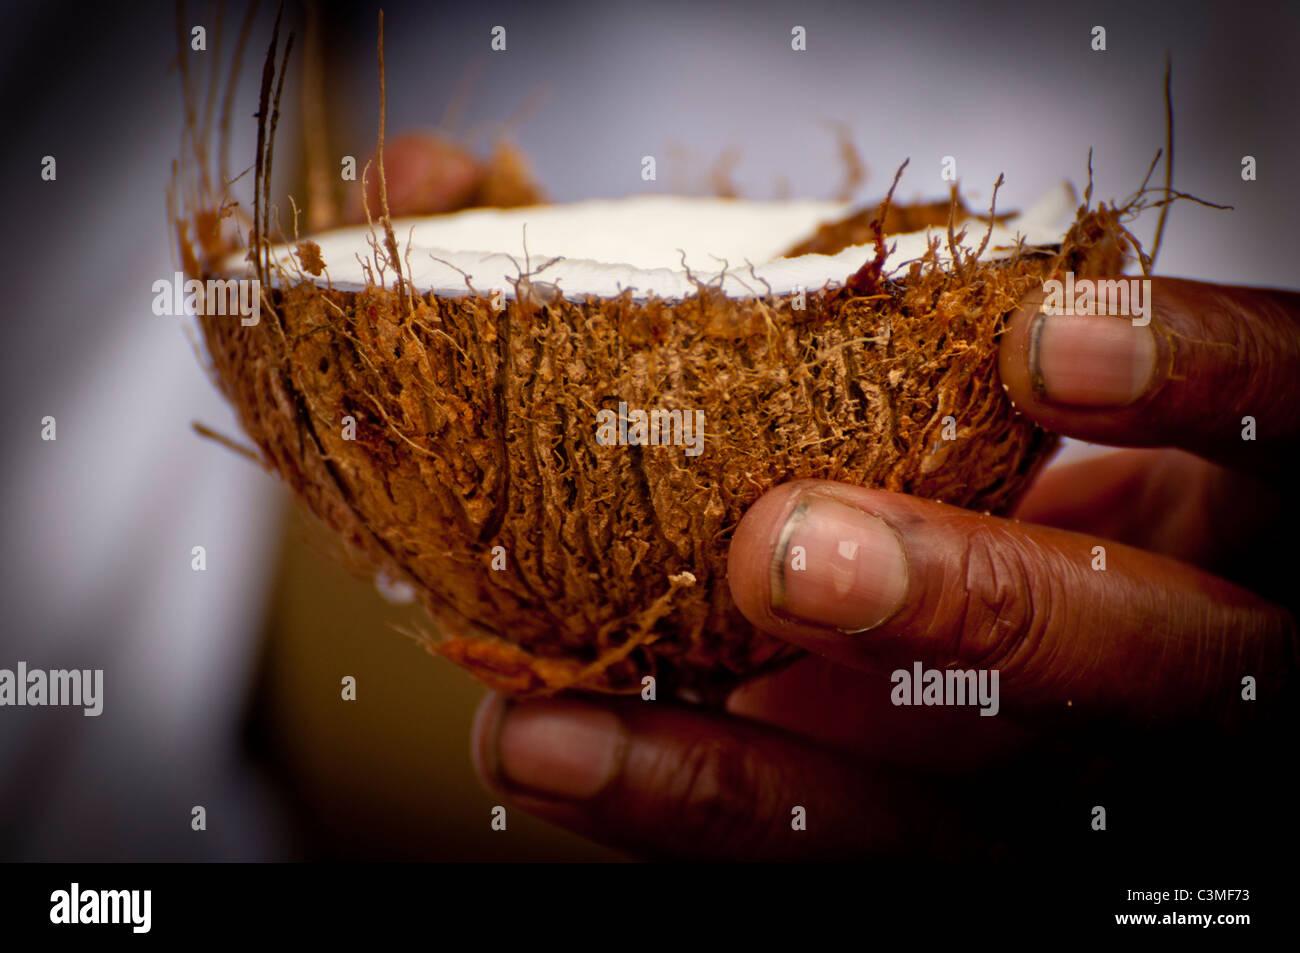 Cameriere Fijiano che serve appena spaccata di latte di cocco, Malolo Resort, Isole Mamanucas, Isole Figi Immagini Stock